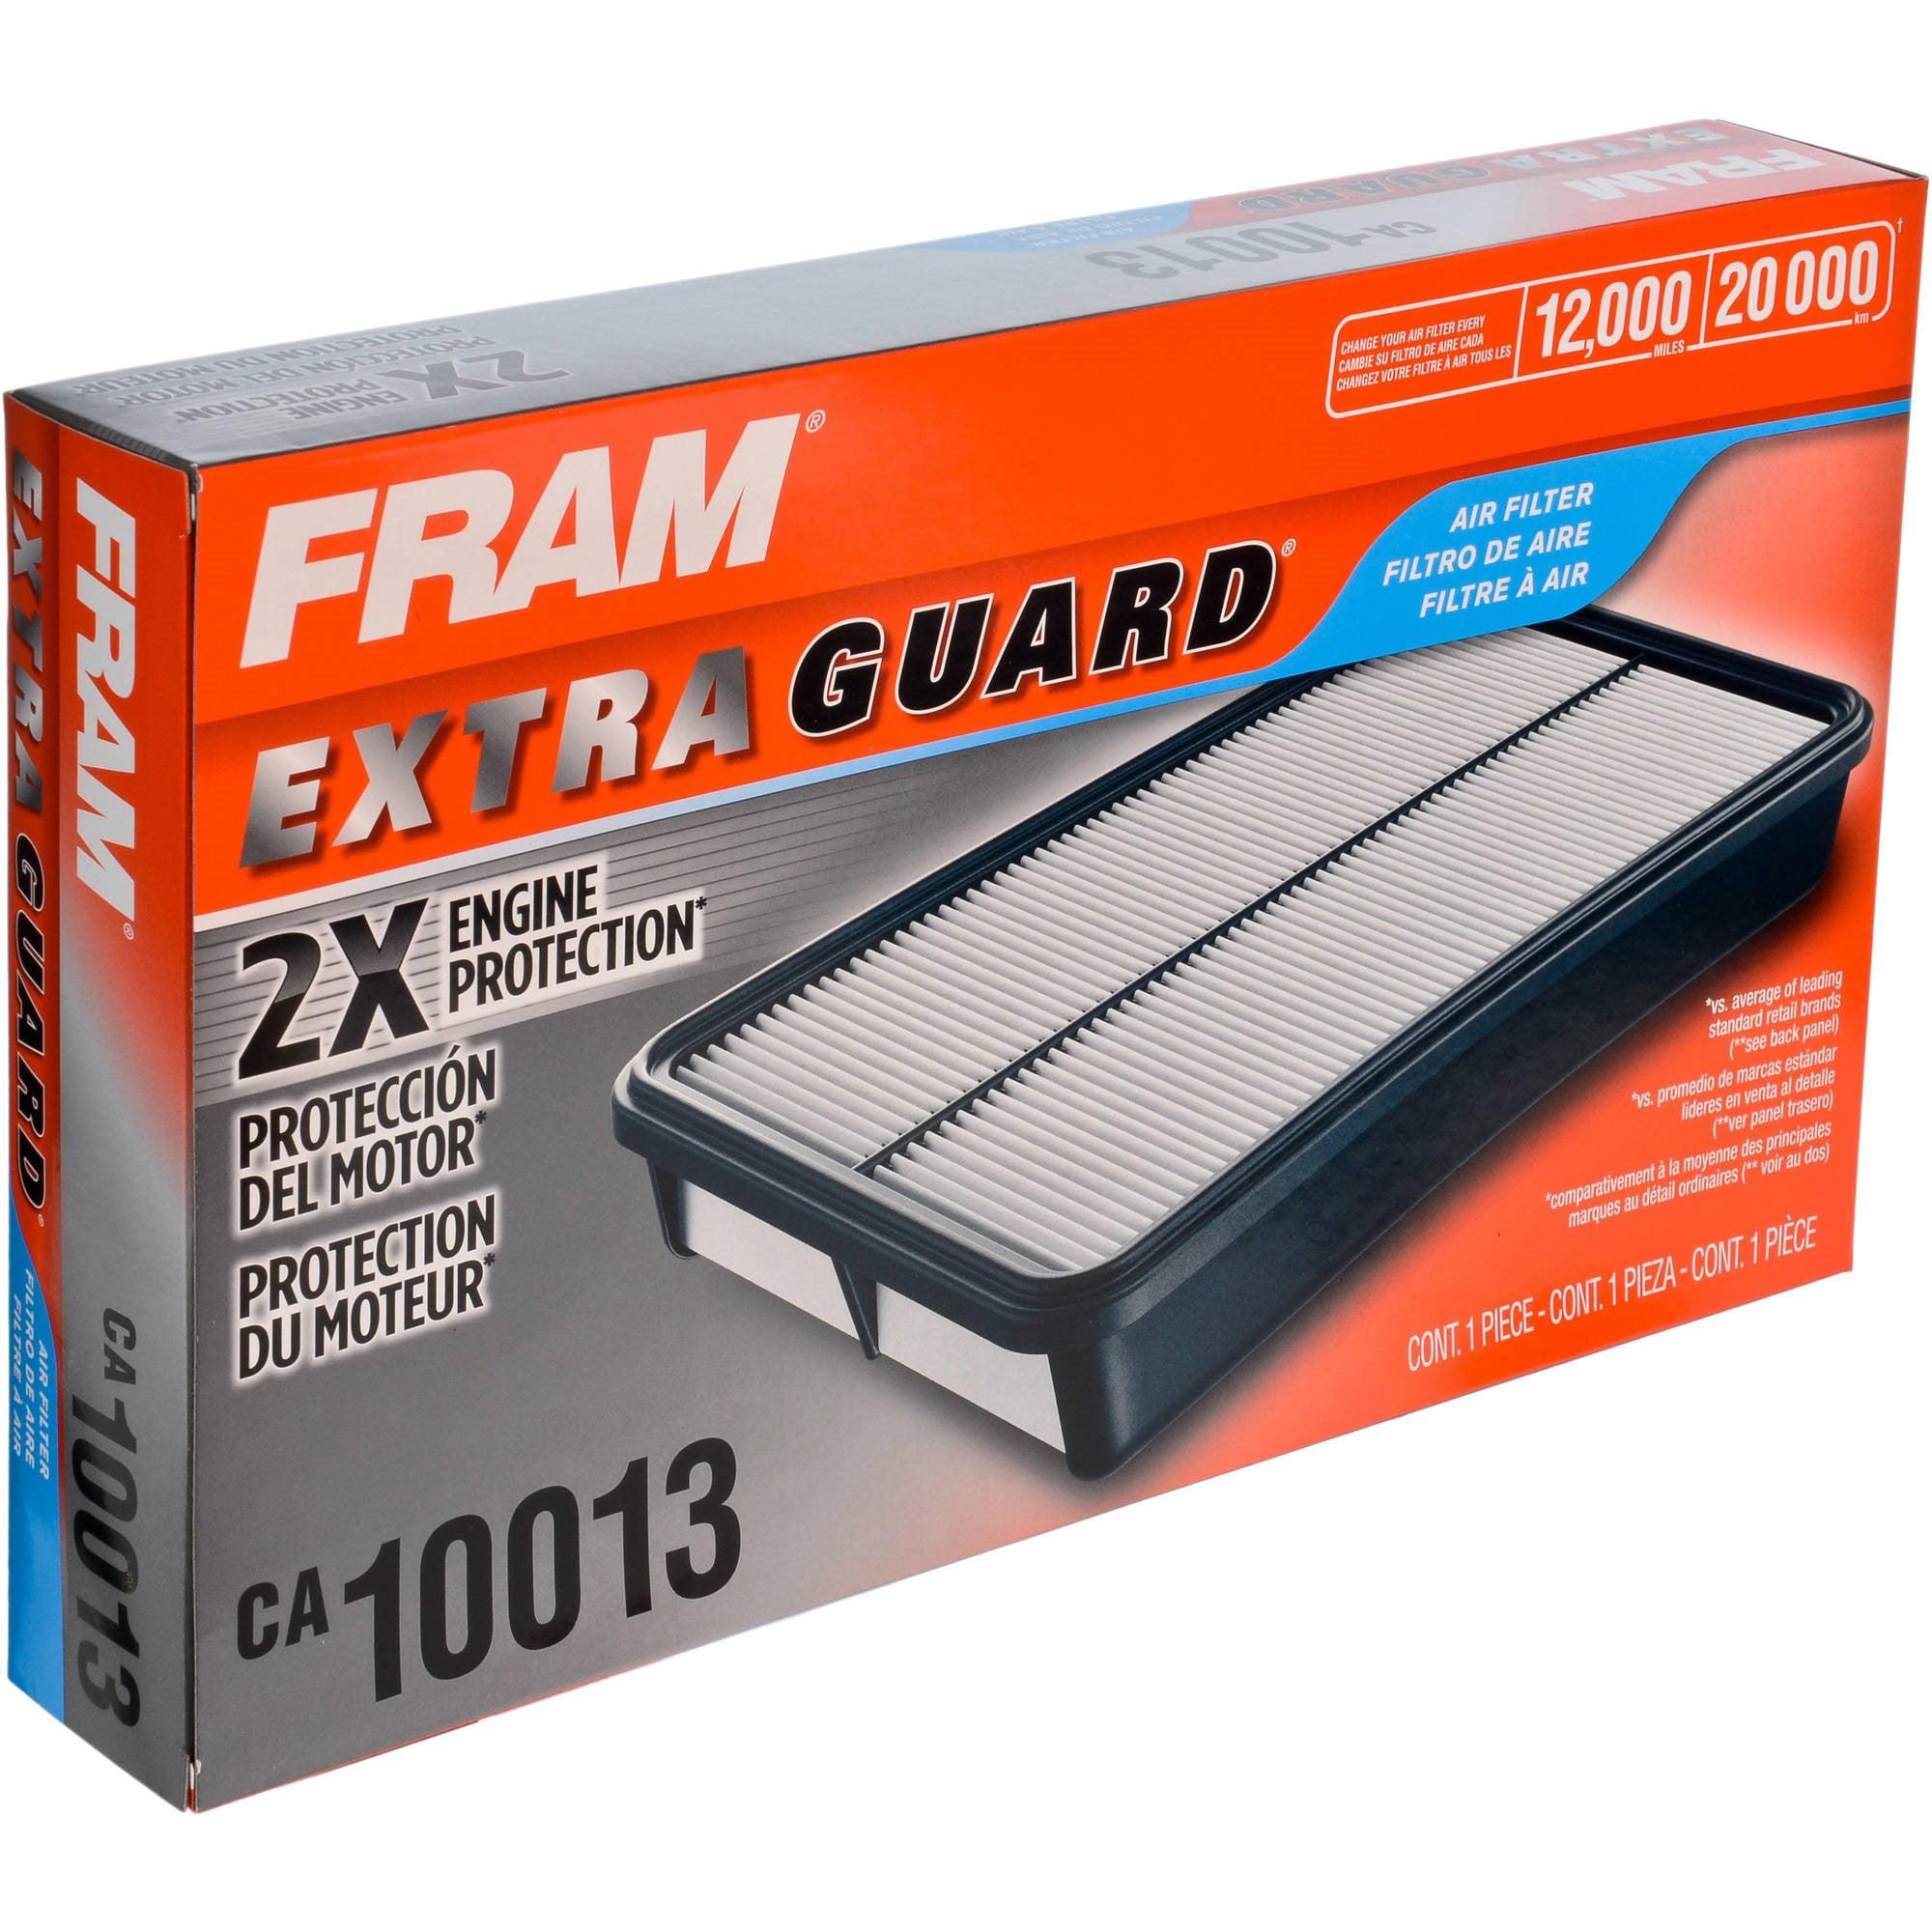 FRAM Extra Guard Air Filter, CA10013